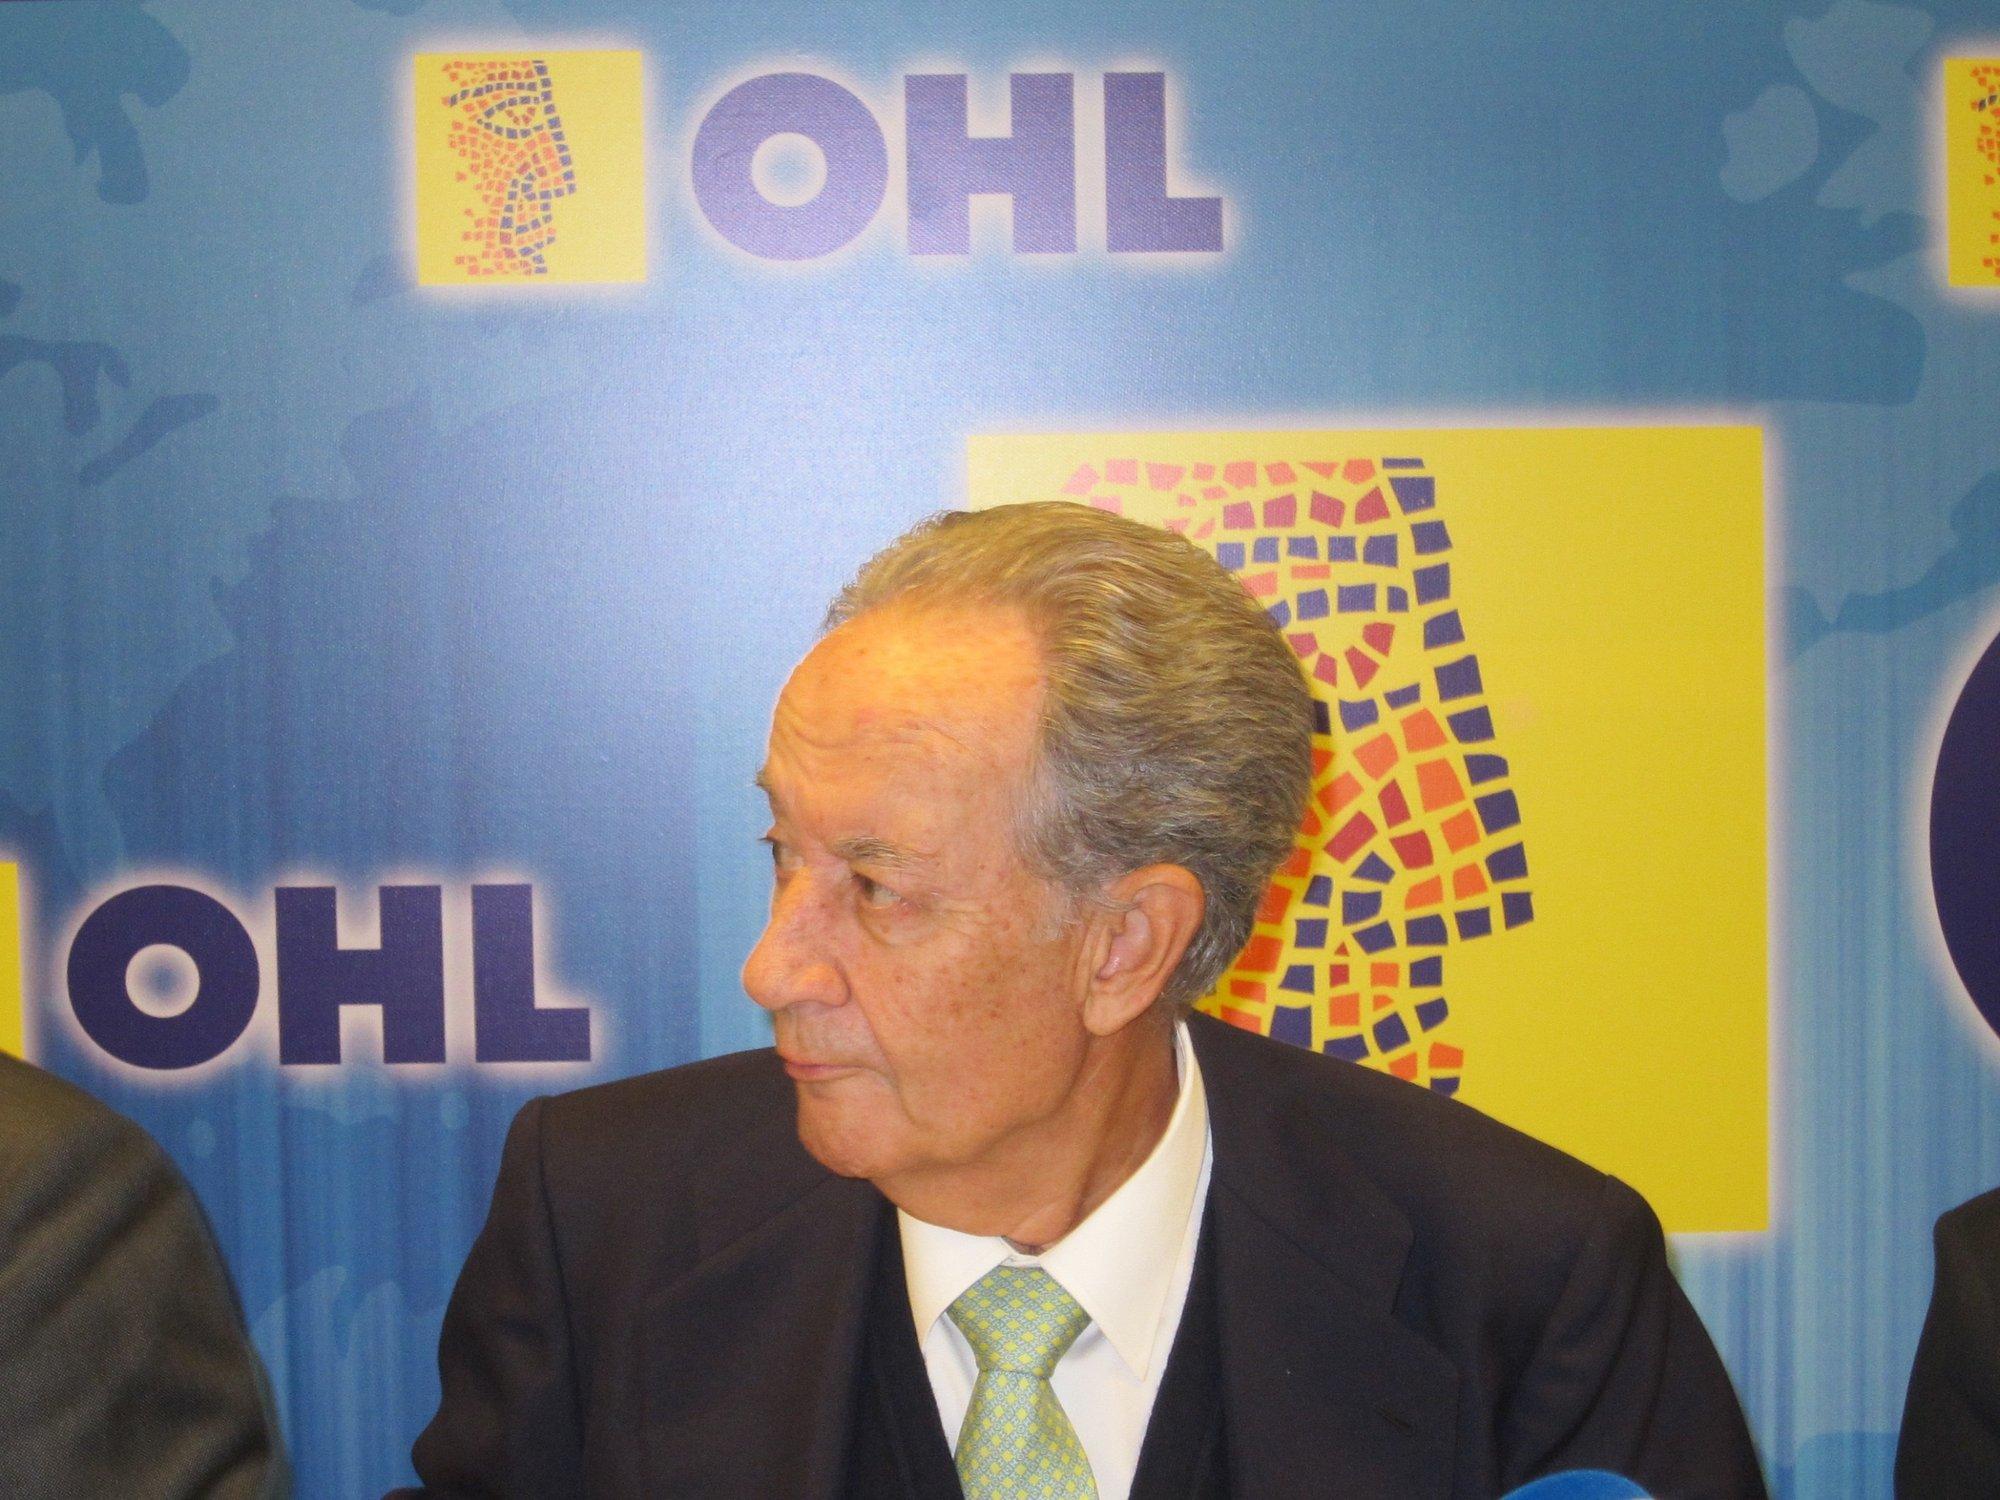 OHL repartirá un dividendo de 0,5597 euros el 1 de junio